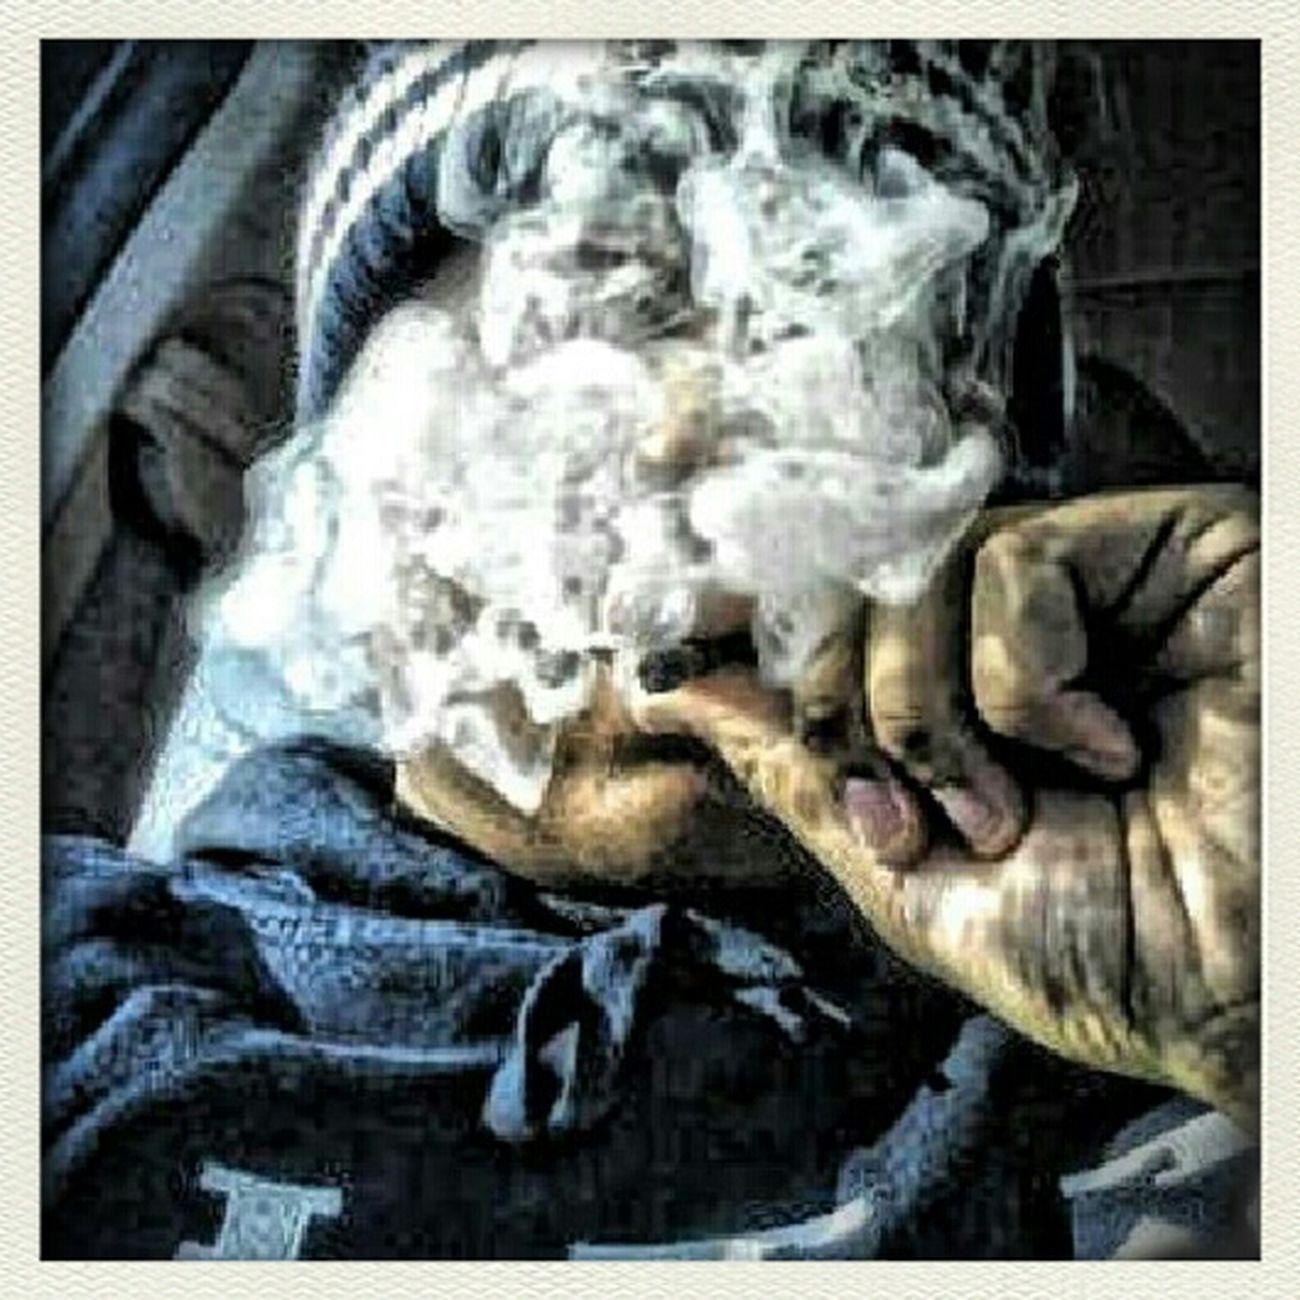 #fwm #smokey